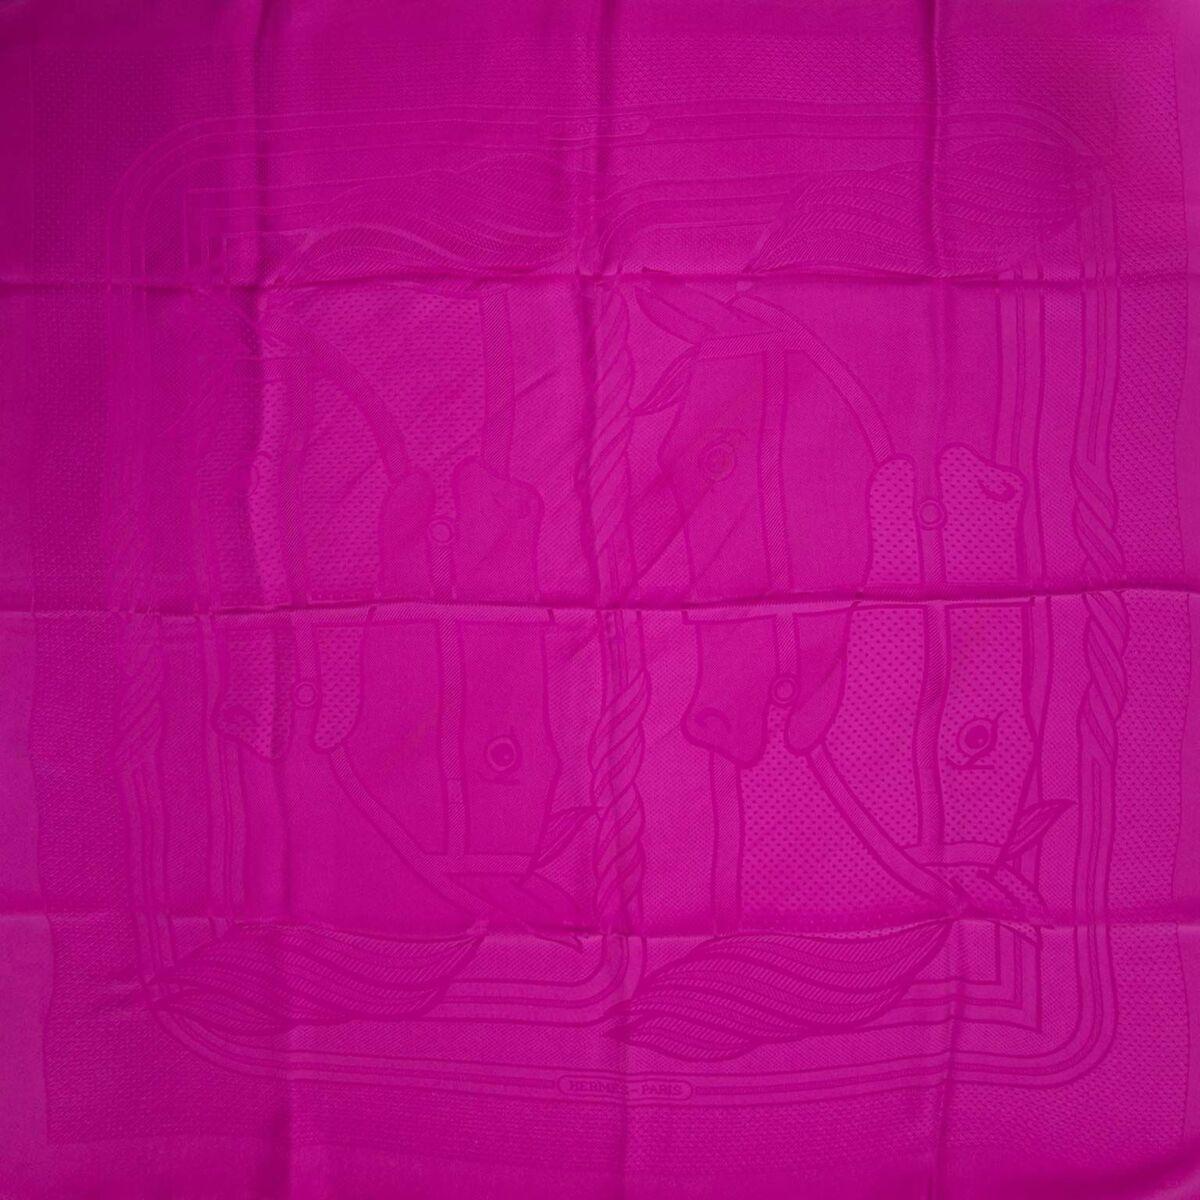 Koop authentieke tweedehands Hermes Jaqcuard sjaals aan een eerlijke prijs bij LabelLOV. Veilig online shoppen.